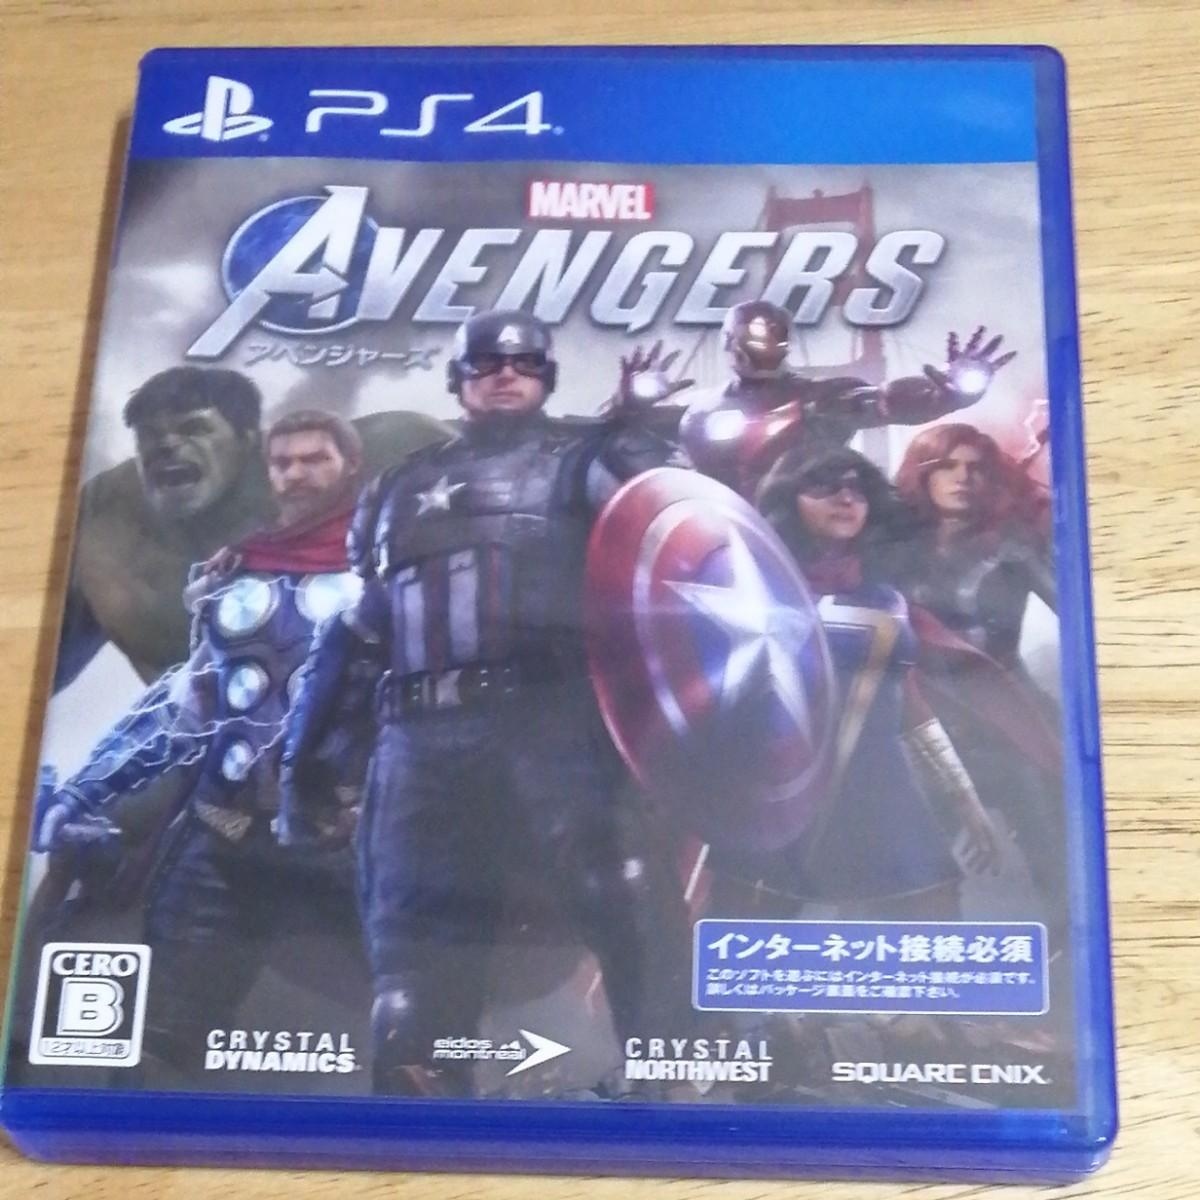 【PS4】 Marvel's Avengersアベンジャーズ  PS4ソフト